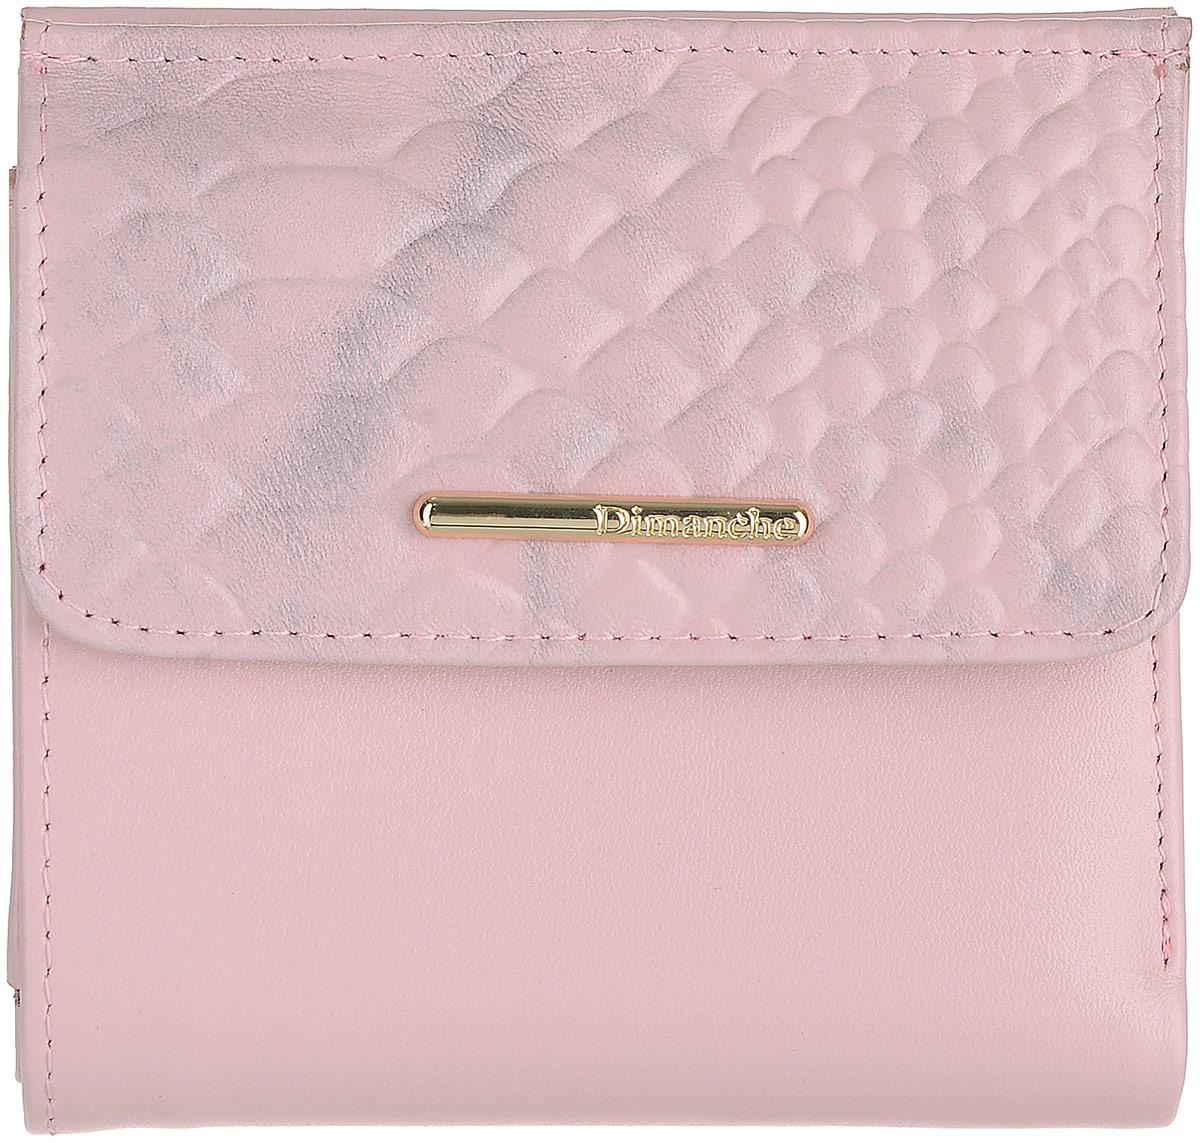 Кошелек женский Dimanche, цвет: серо-розовый. 792MX3024820_WM_SHL_010Кошелек Dimanche выполнен из натуральной тисненой кожи и оформлен декоративной пластиной с названием бренда. На лицевой стороне расположен объемный карман для мелочи, который закрывается клапаном с кнопкой. Внутри расположено два открытых кармана для купюр, карман для купюр на молнии, два кармана для кредиток, карман для sim-карты, карман с пластиковым окошком для документов и два вертикальных кармана.